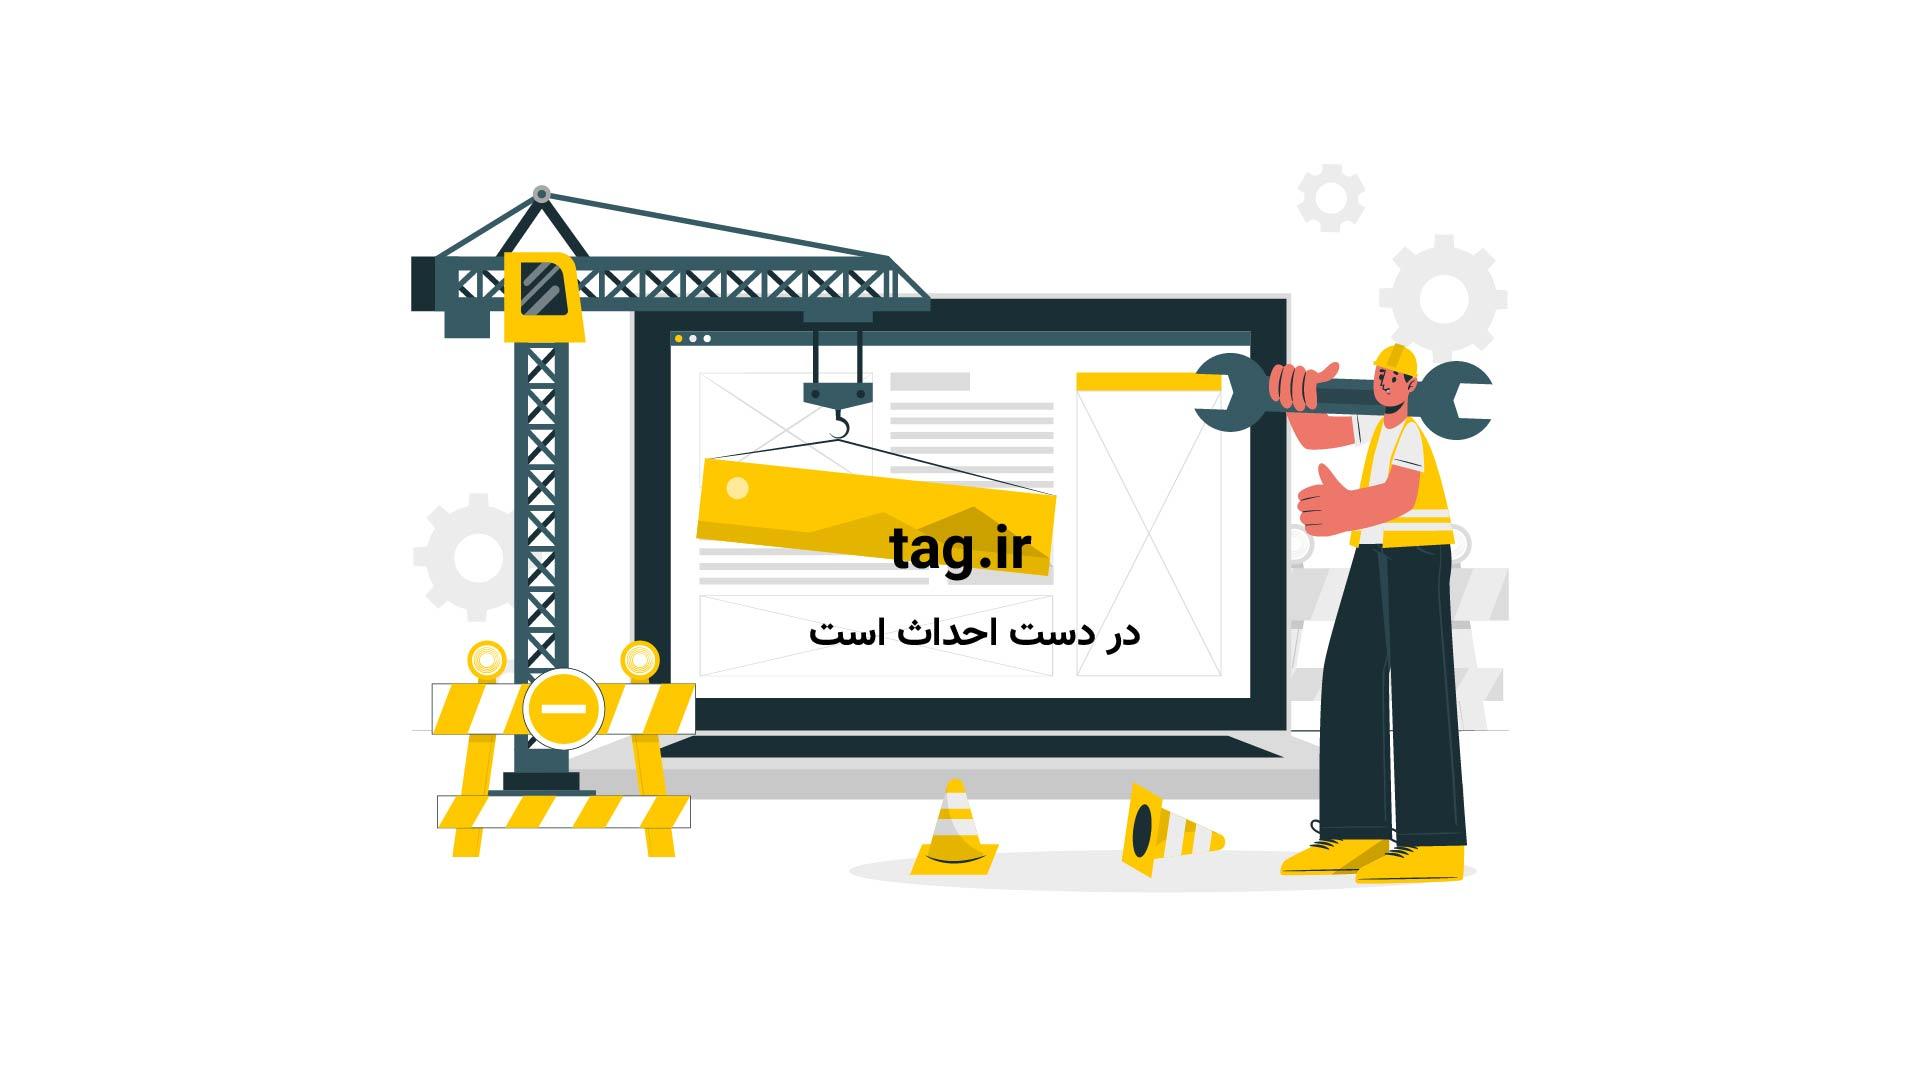 مداحی ما اهل کوفه نیستیم با صدای حاج محمود کریمی | فیلم